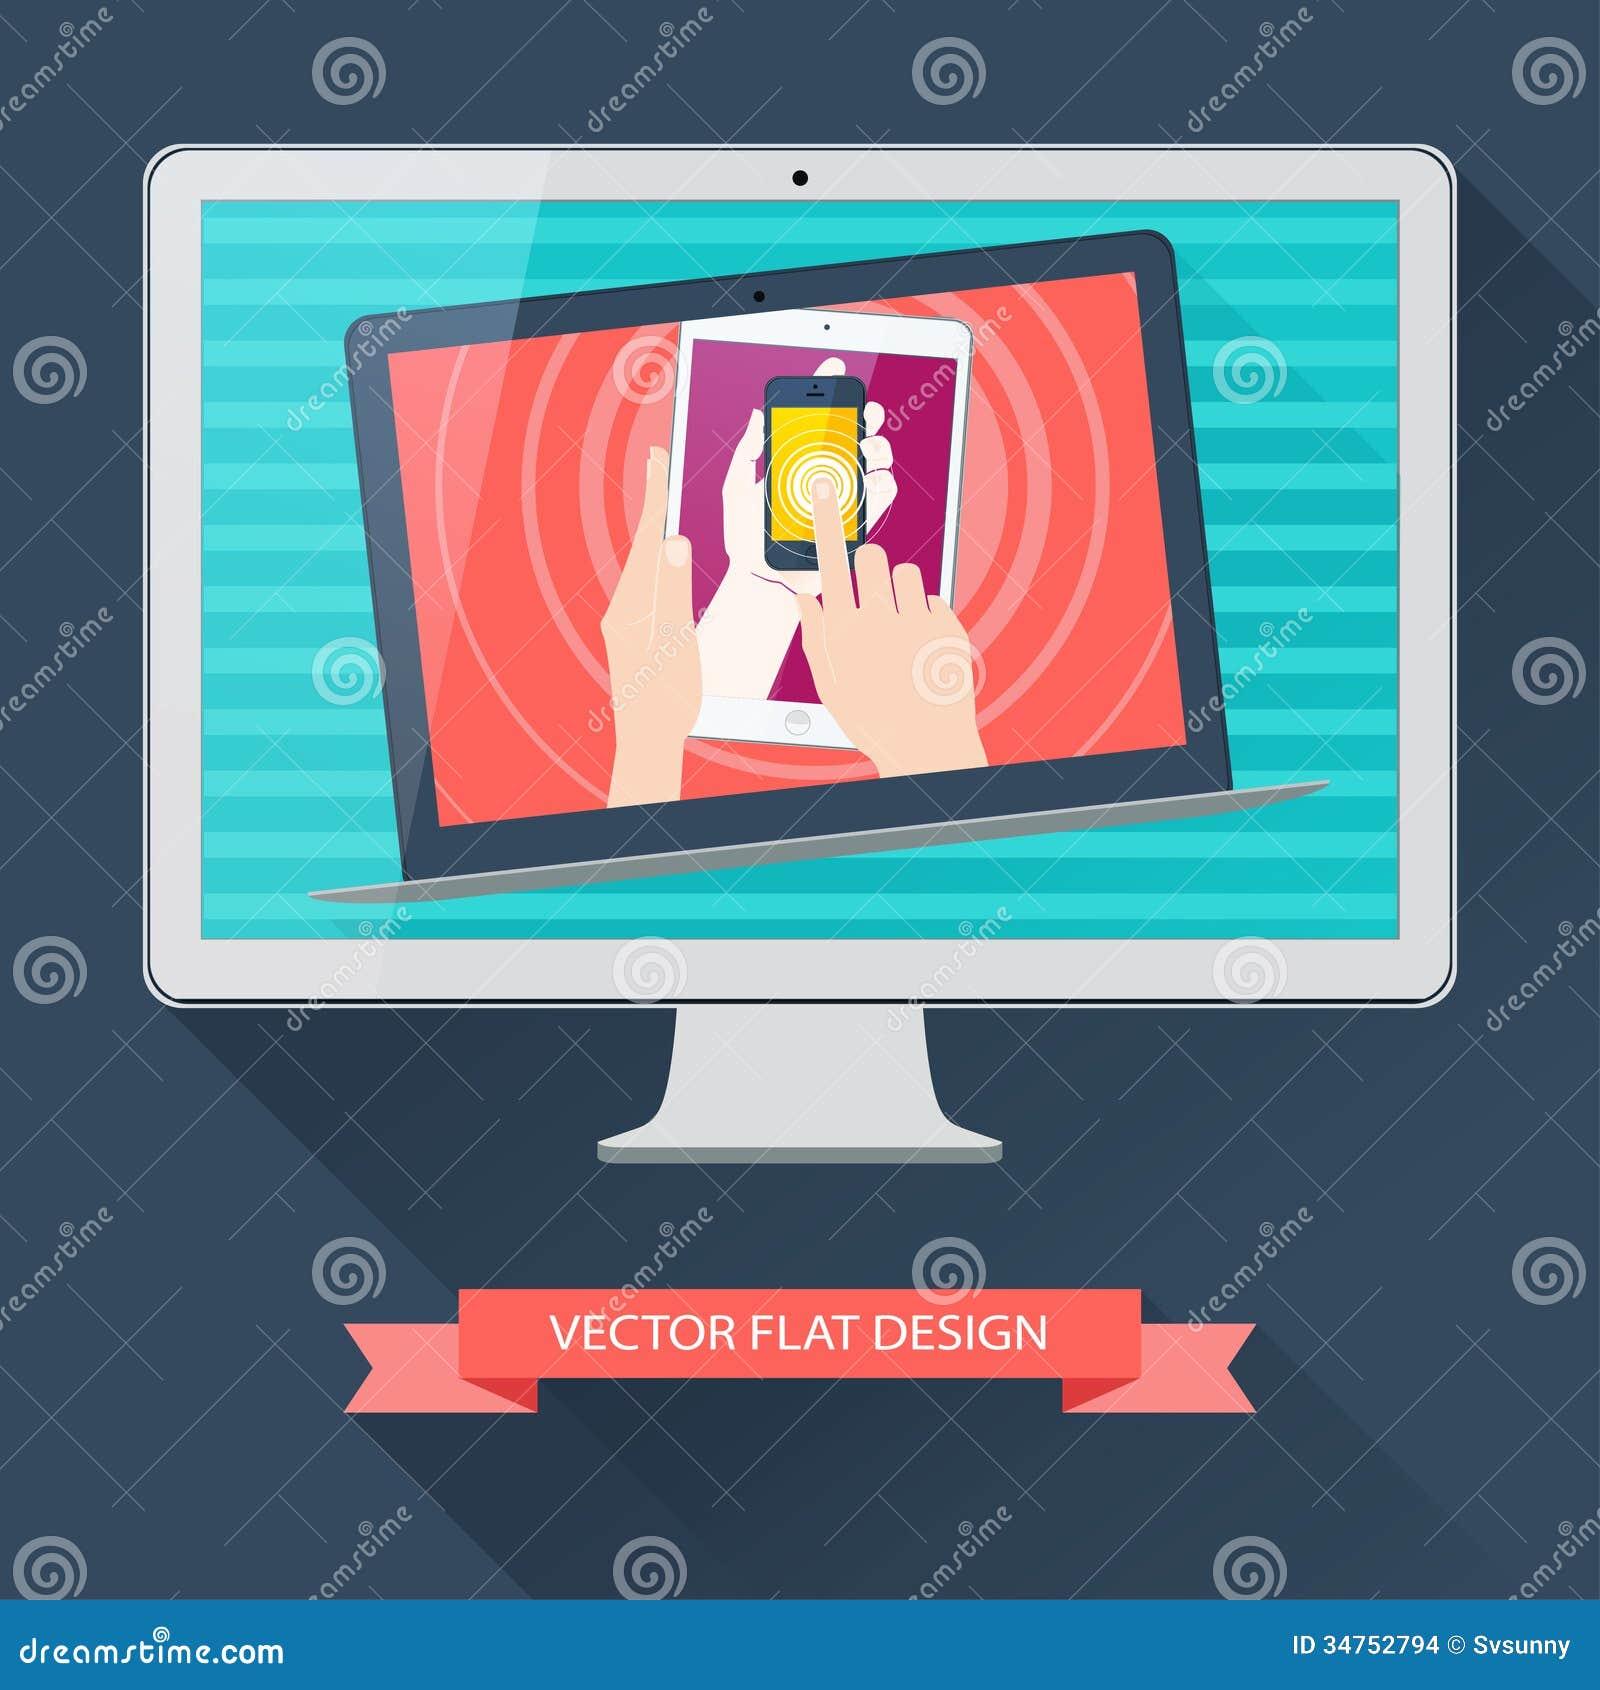 Utrustning för internetanvändare: dator minnestavla, telefon, bärbar dator. Vecto